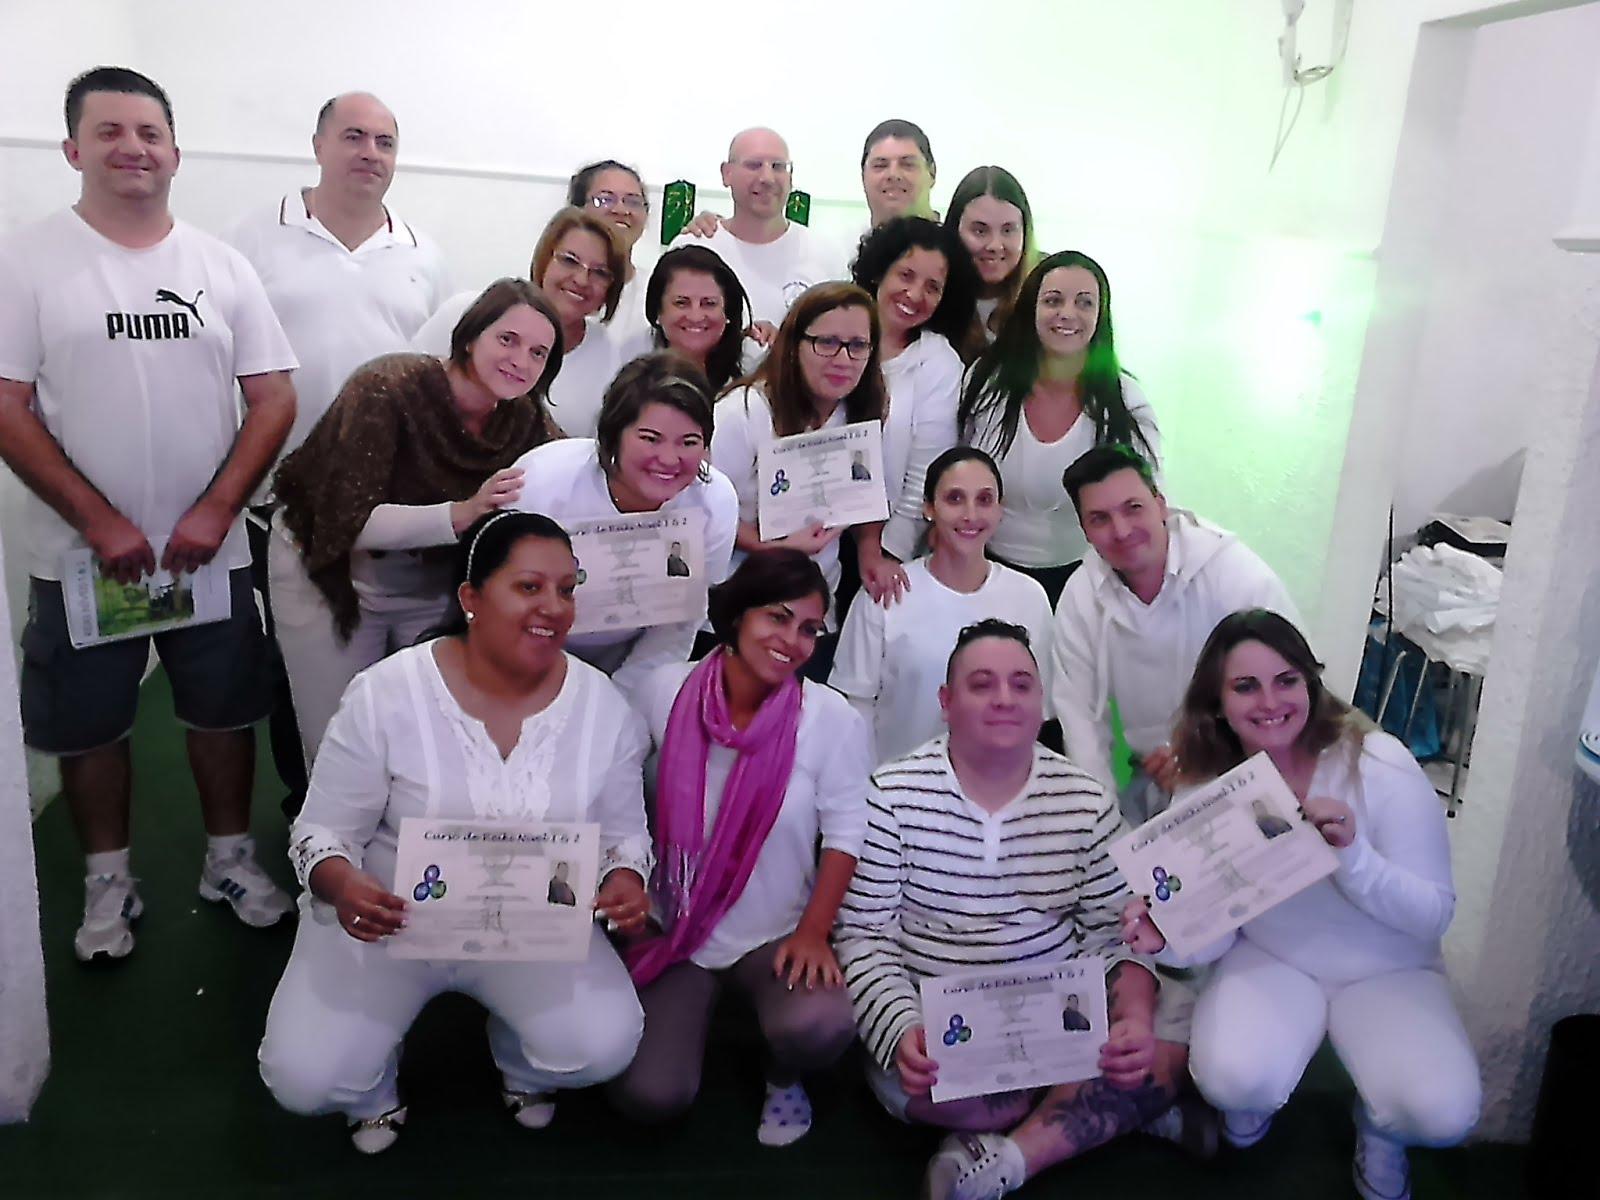 Curso Reiki Níveis 1 & 2 - Guarulhos 2015